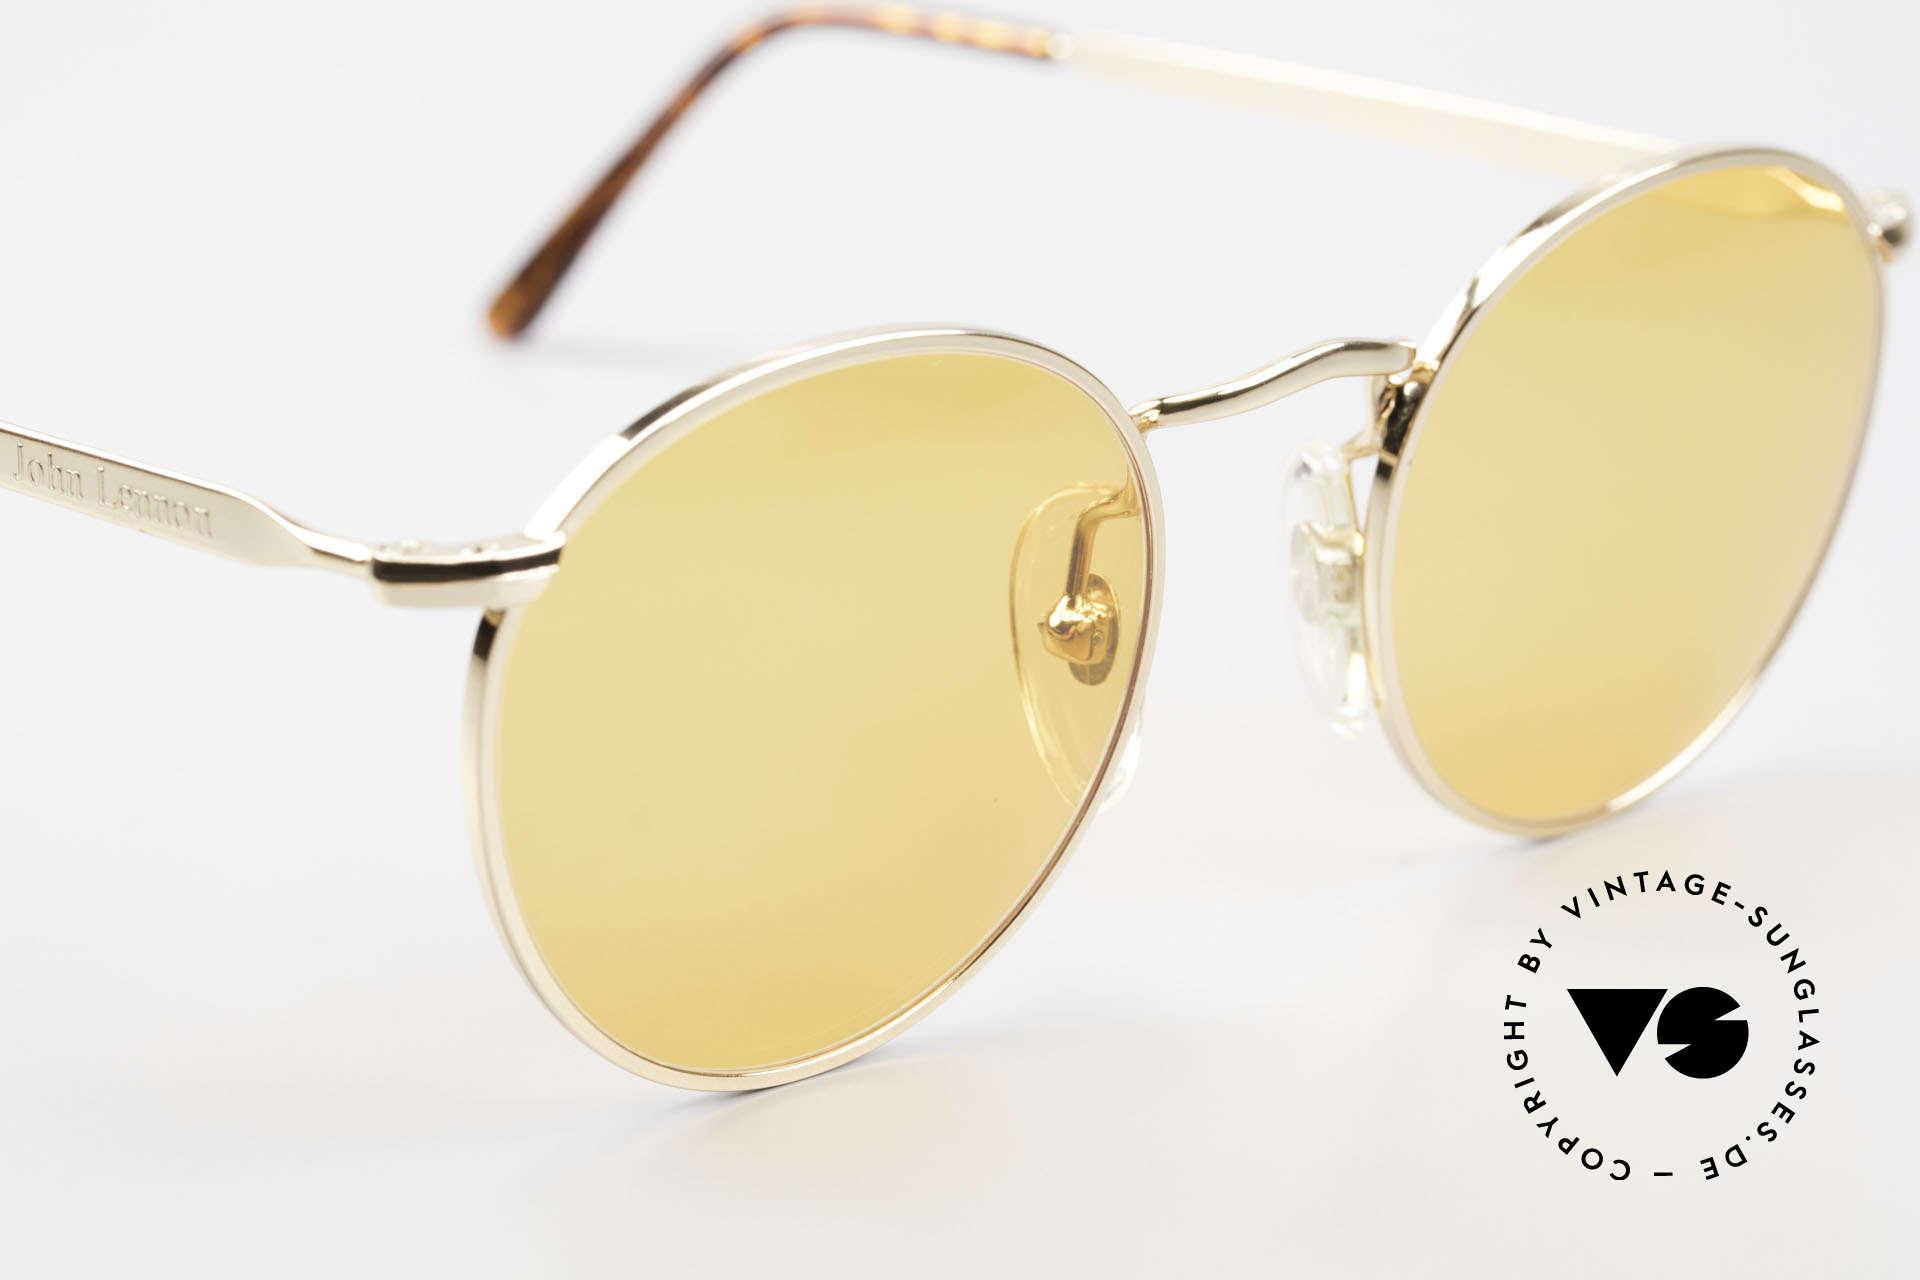 John Lennon - The Dreamer Sehr Kleine Runde Sonnenbrille, KEINE RetroSonnenbrille, sondern ein altes Original, Passend für Herren und Damen